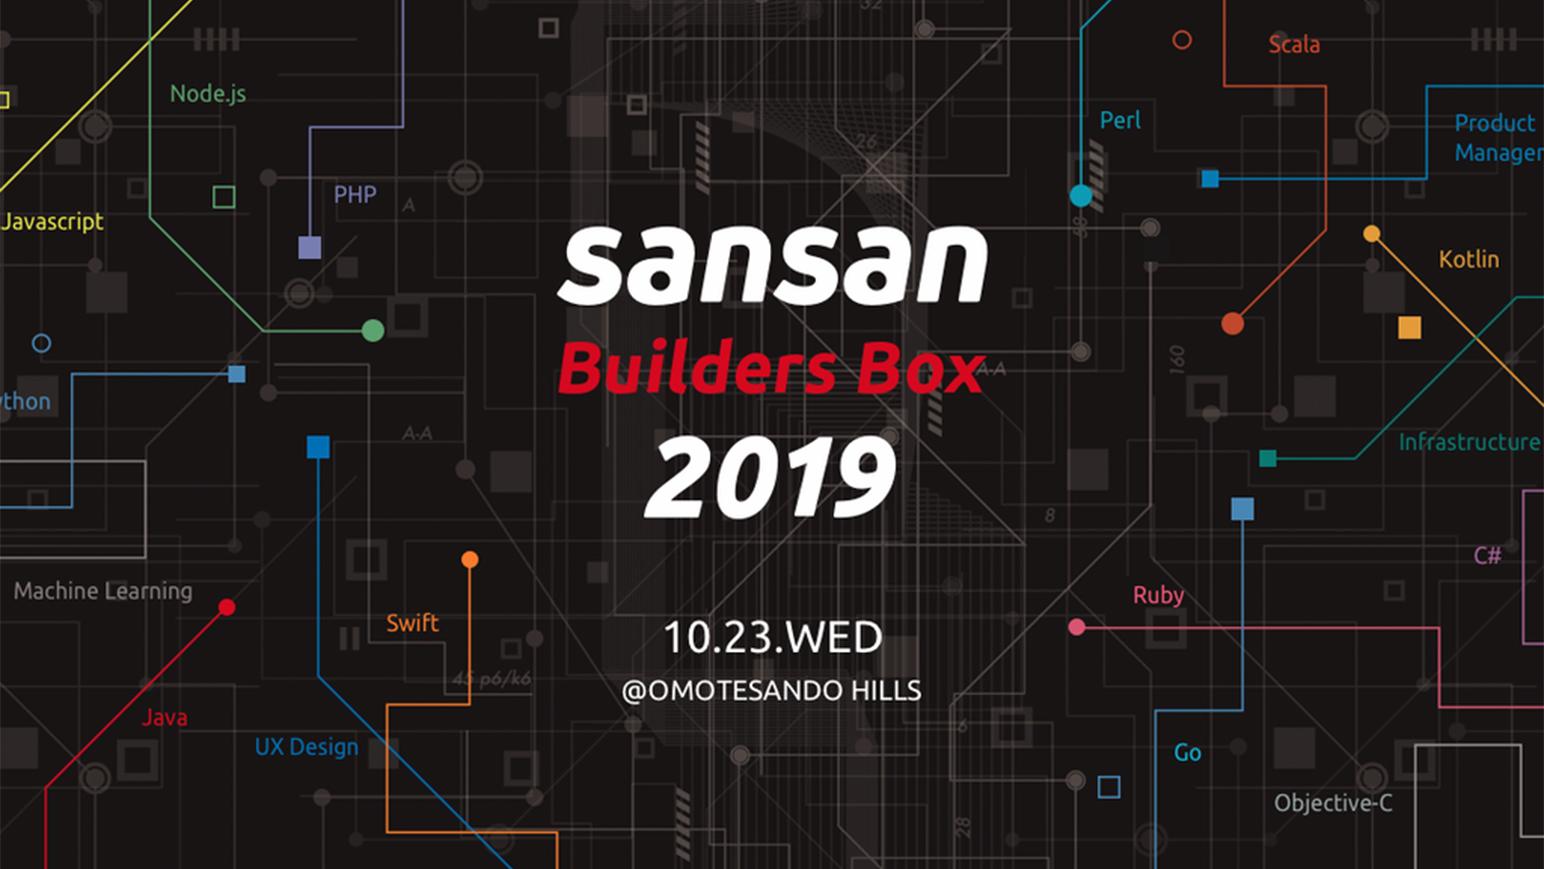 非エンジニア、非デザイナーの私が「Sansan Builders Box 2019」で学んだ5つのポイントのアイキャッチ